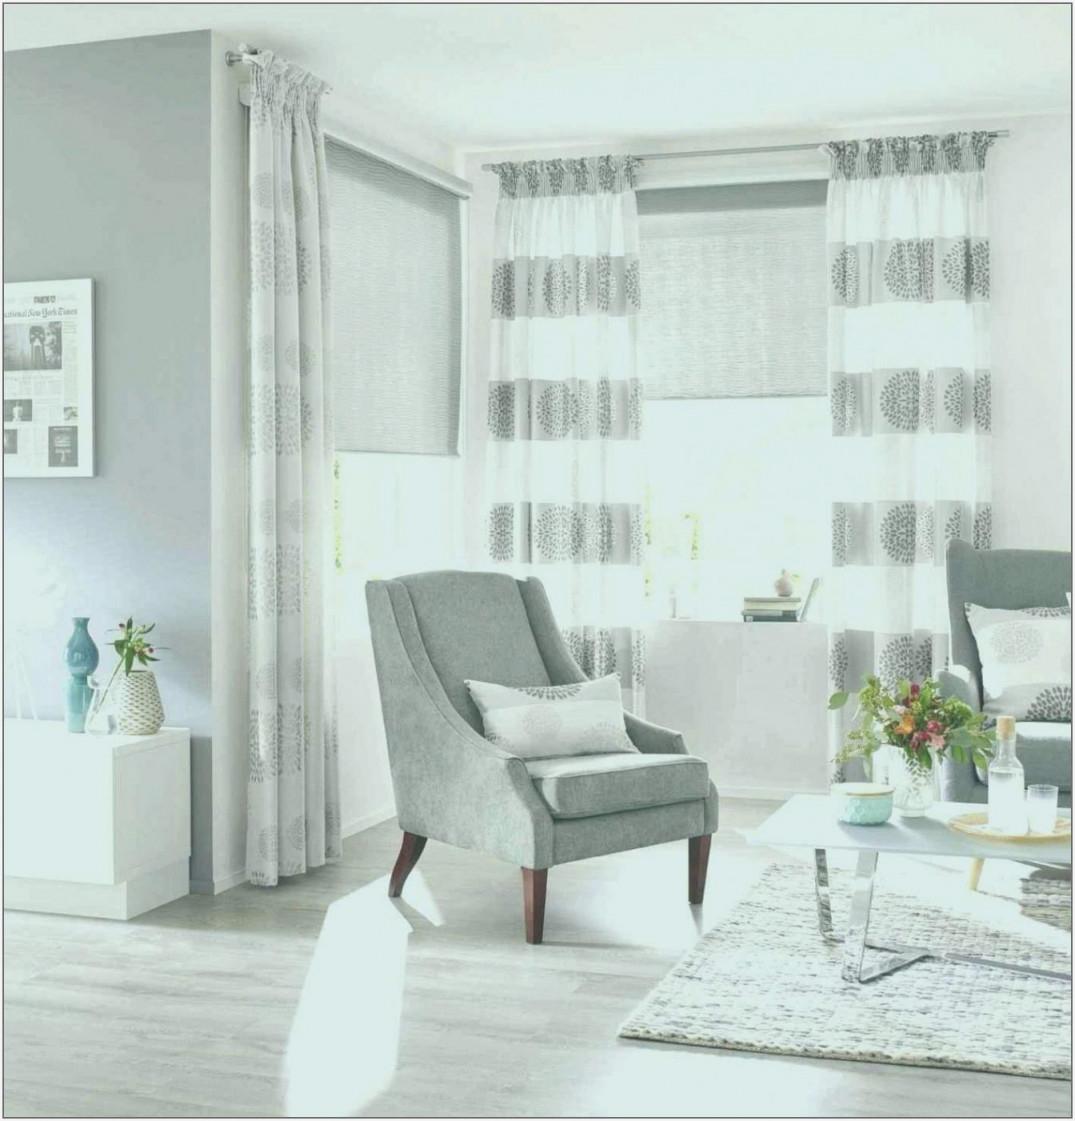 Gardinen Wohnzimmer Modern Fensterdeko Gardinen Ideen von Gardinen Wohnzimmer Modern Ideen Bild